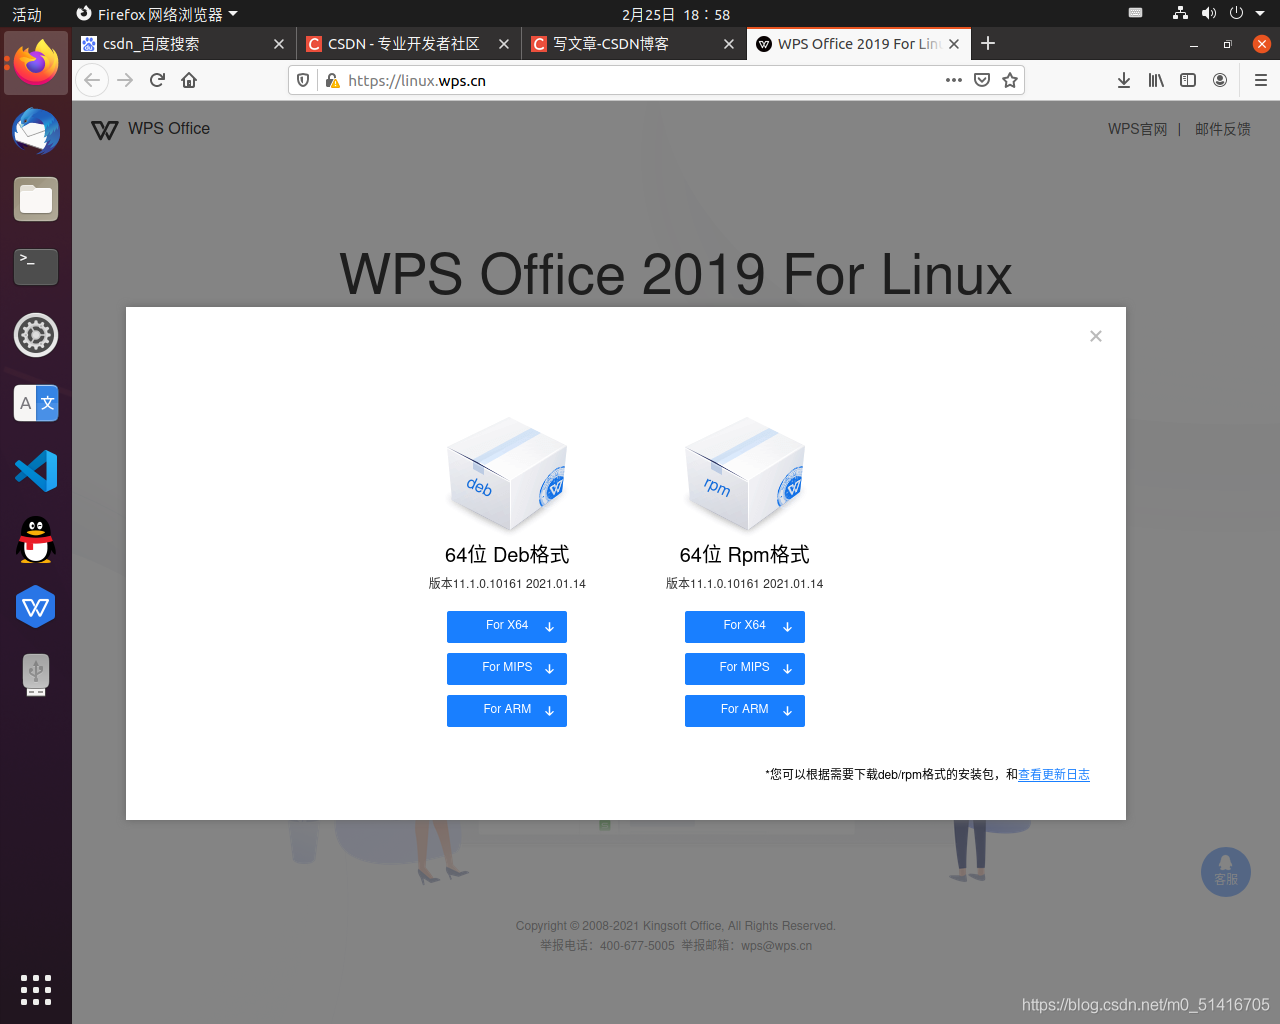 ubuntu 20.04 下载 WPS